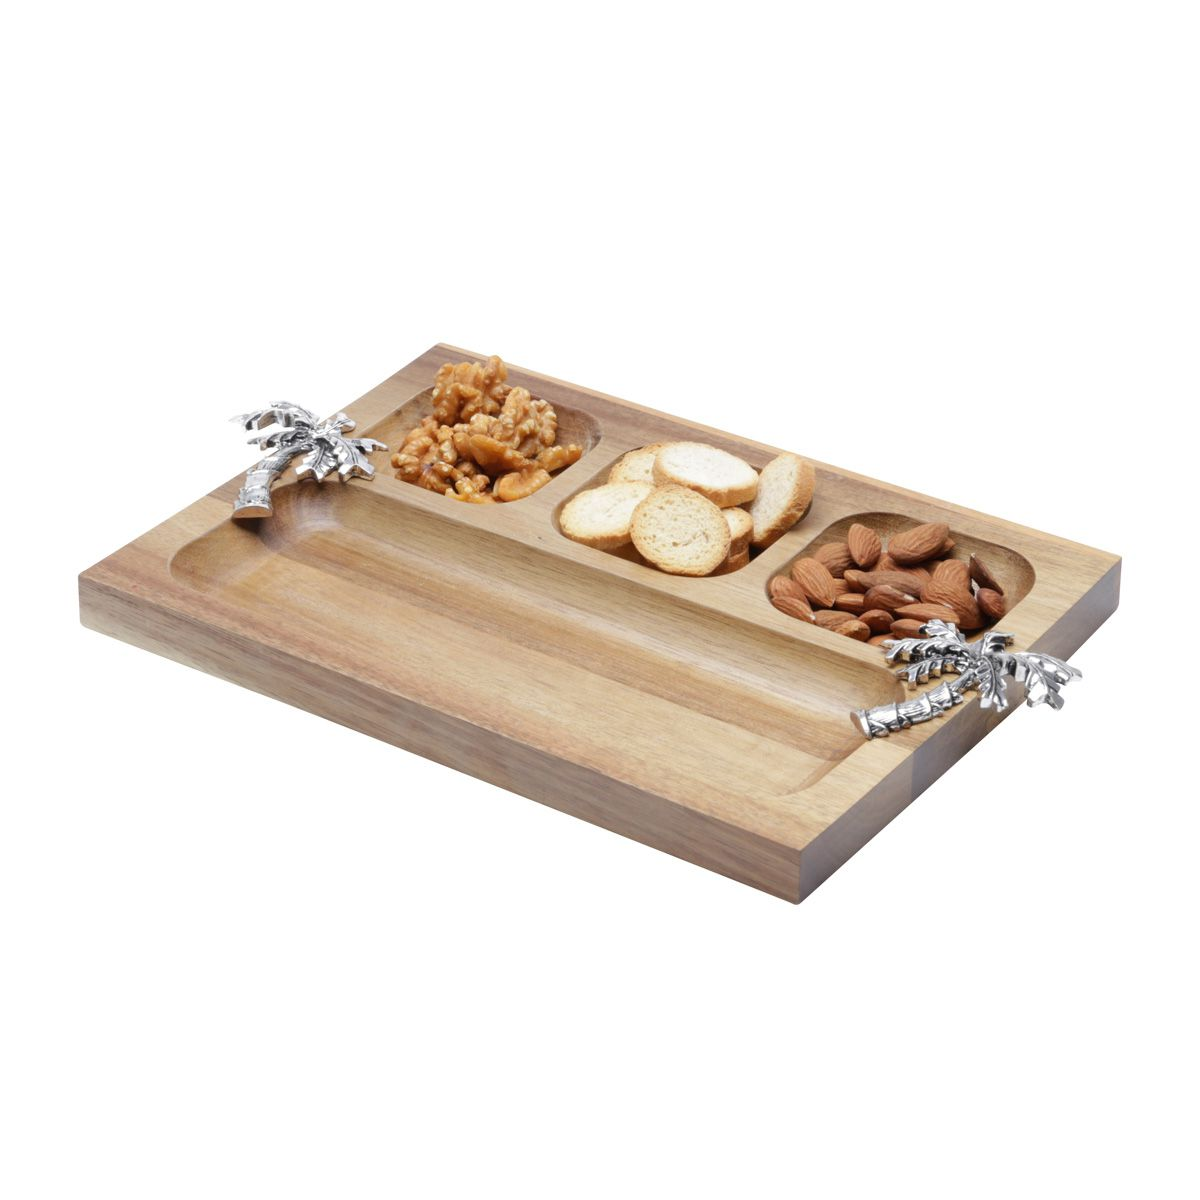 Petisqueira 28 cm de madeira e zamac Acácia Palmeira Bon Gourmet - 26008